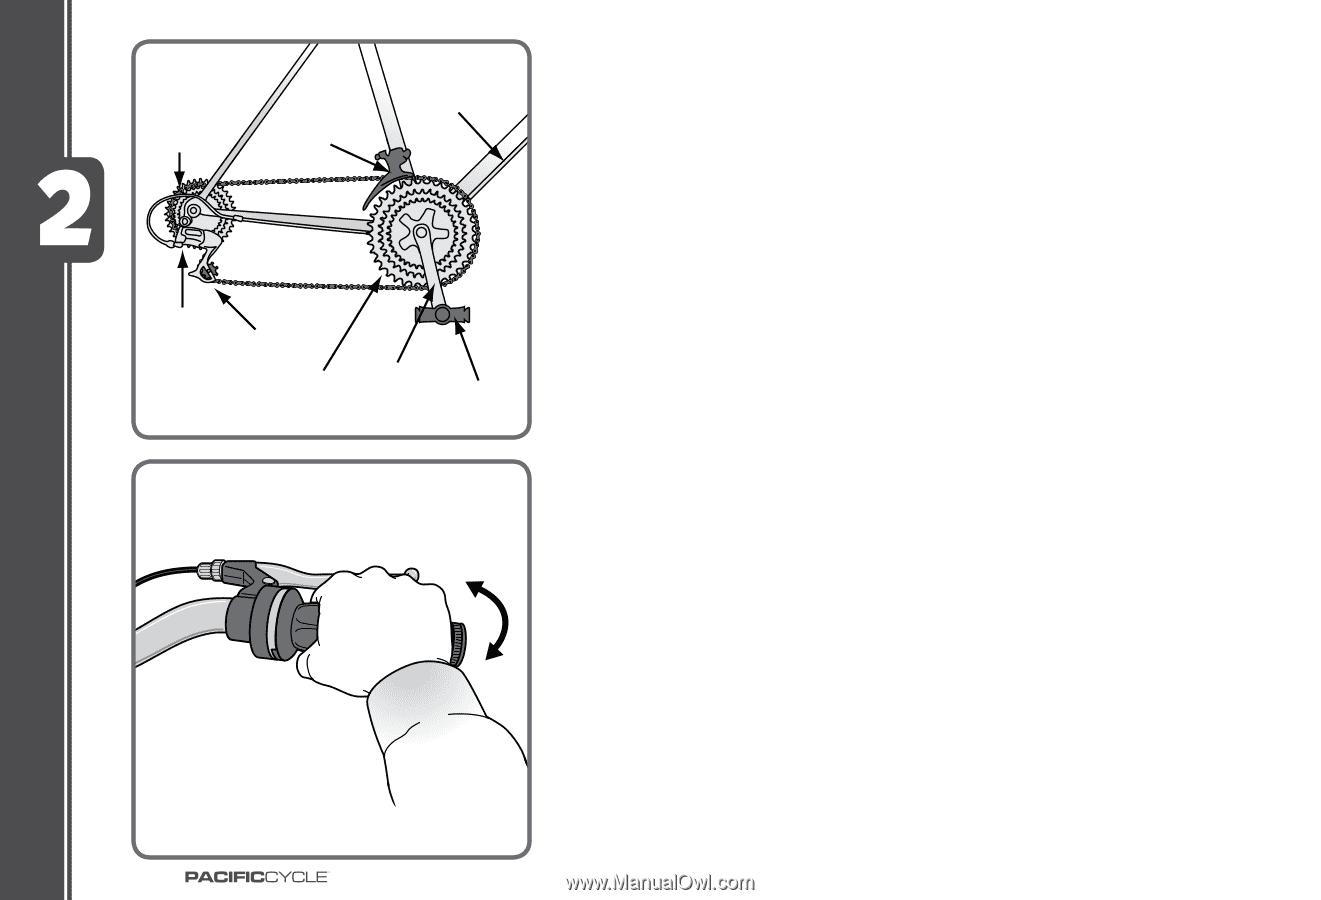 Schwinn Meridian | Schwinn Owner's Manual - Page 24